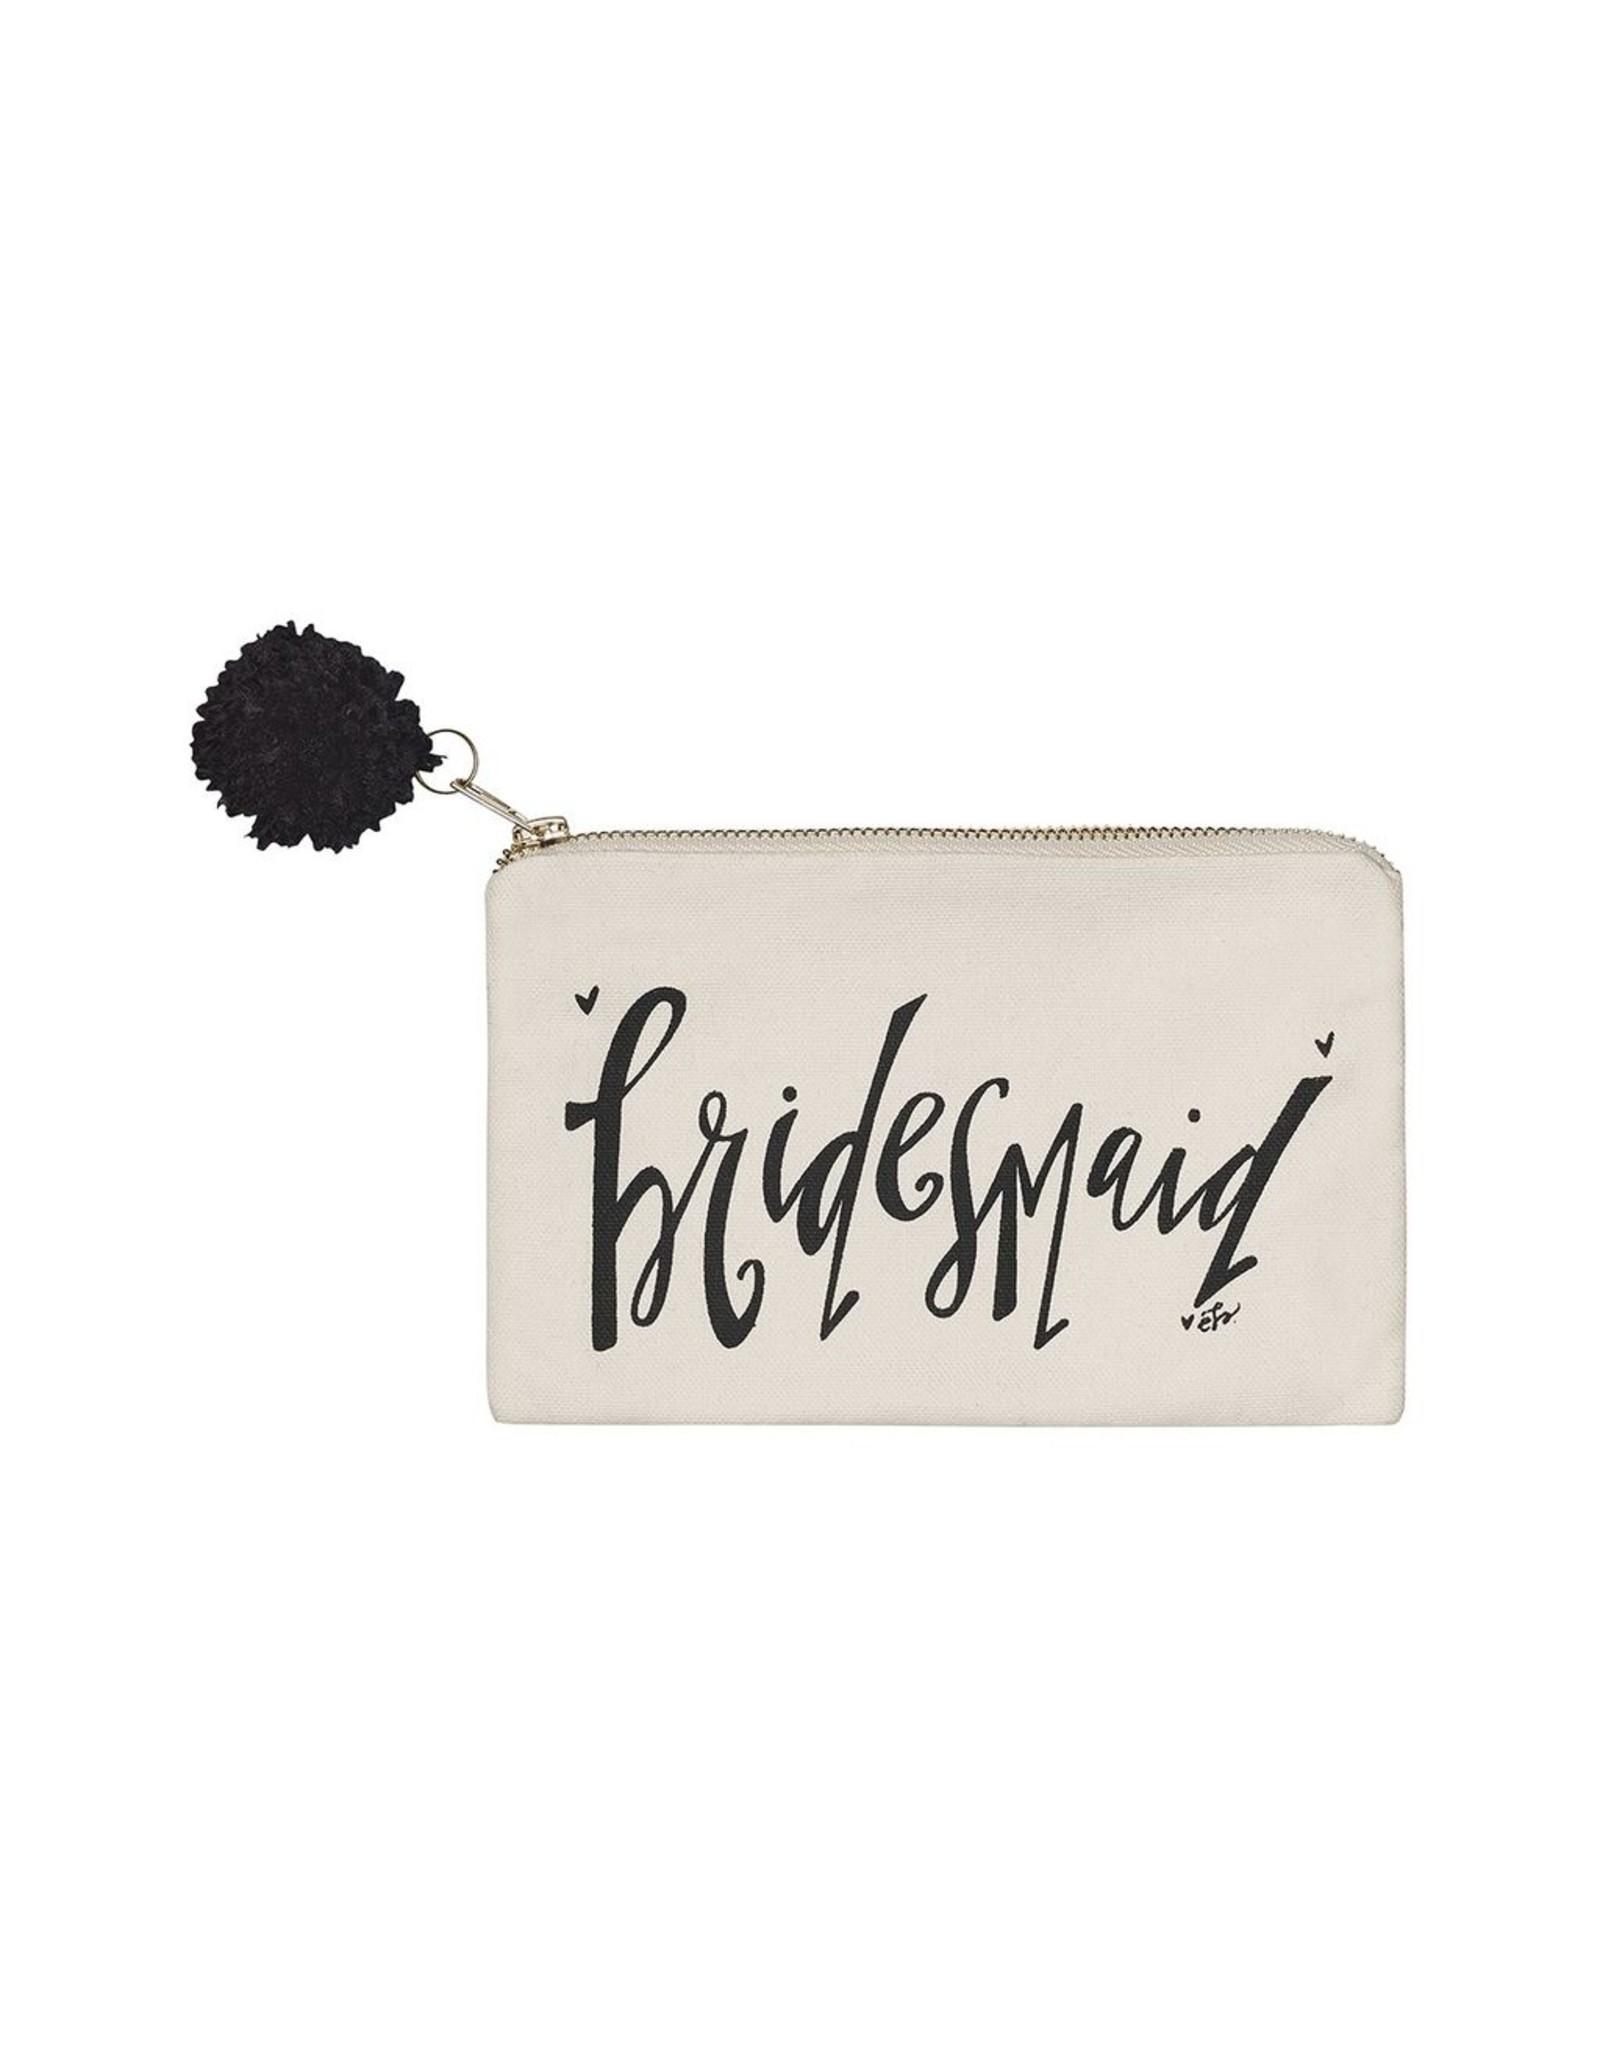 collins Bridesmaid Cosmetic Bag